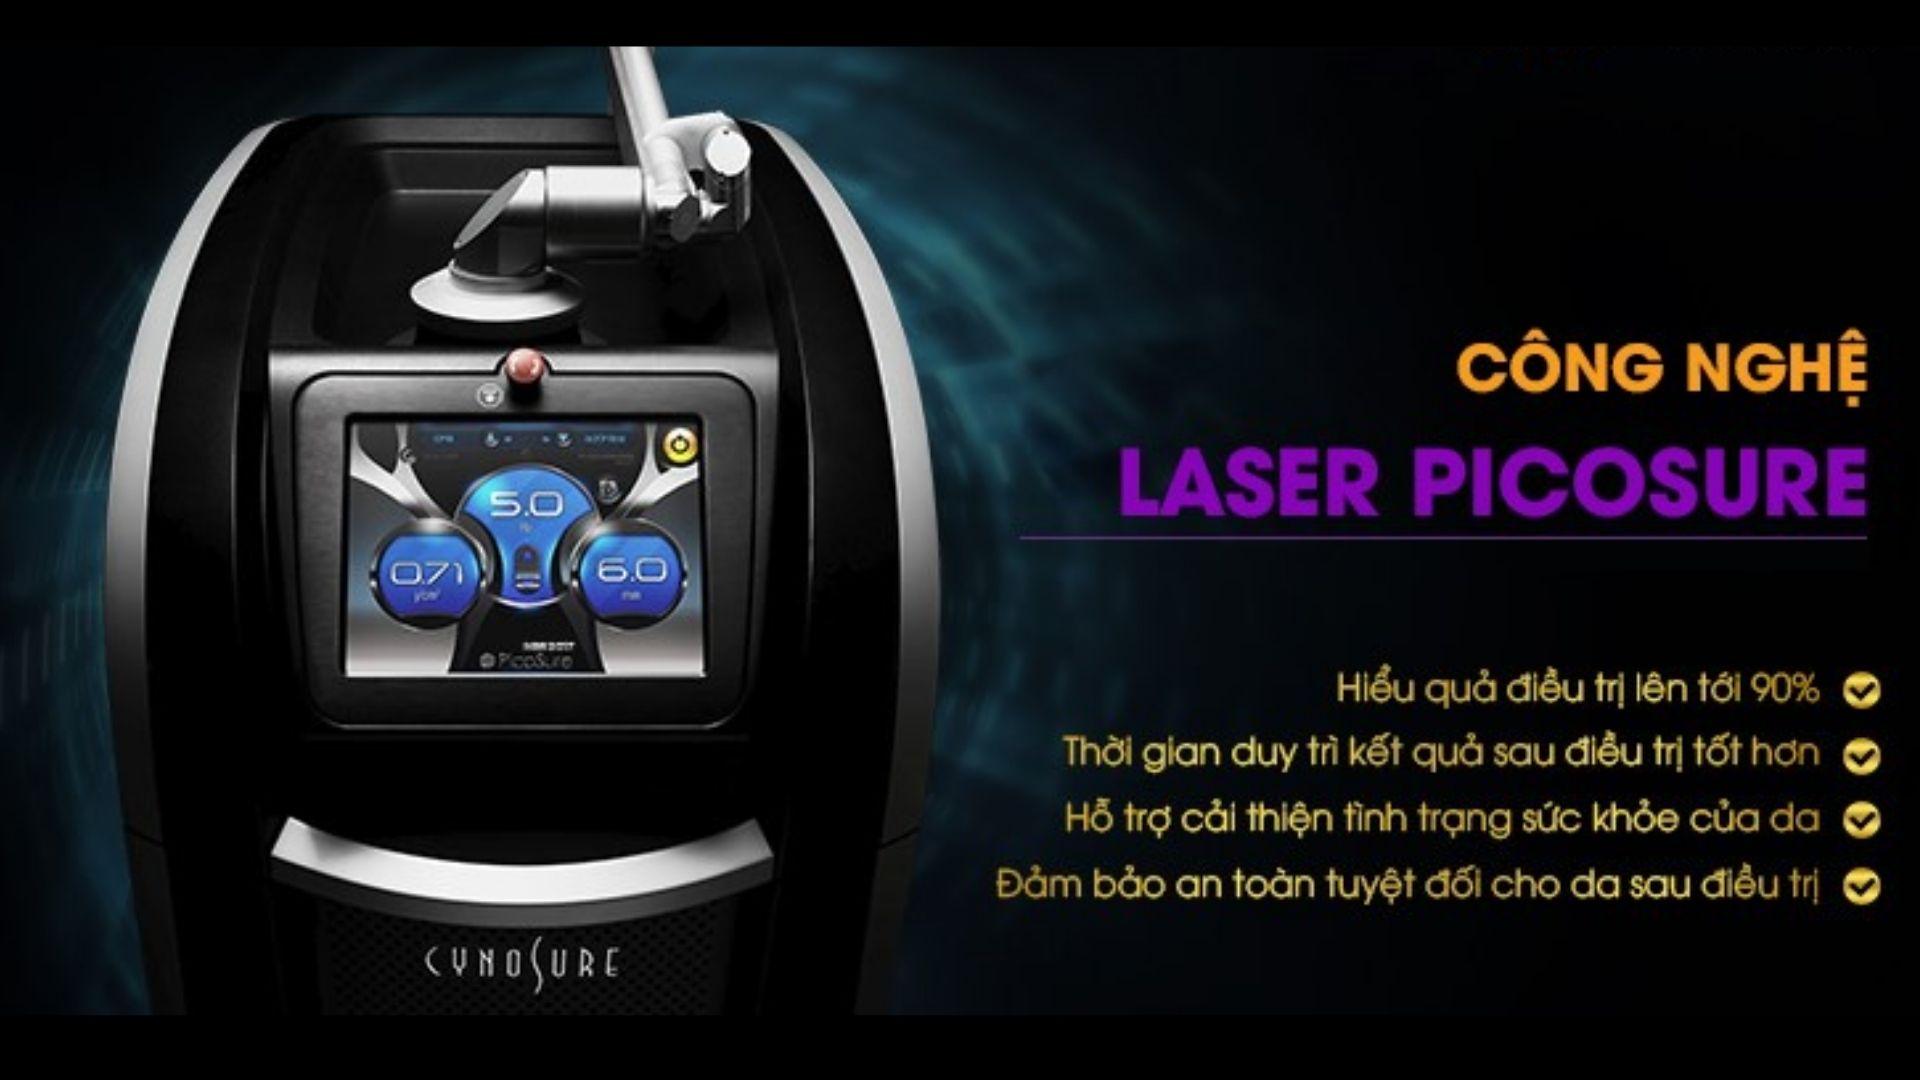 Công nghệ Pico Laser Trung Quốc